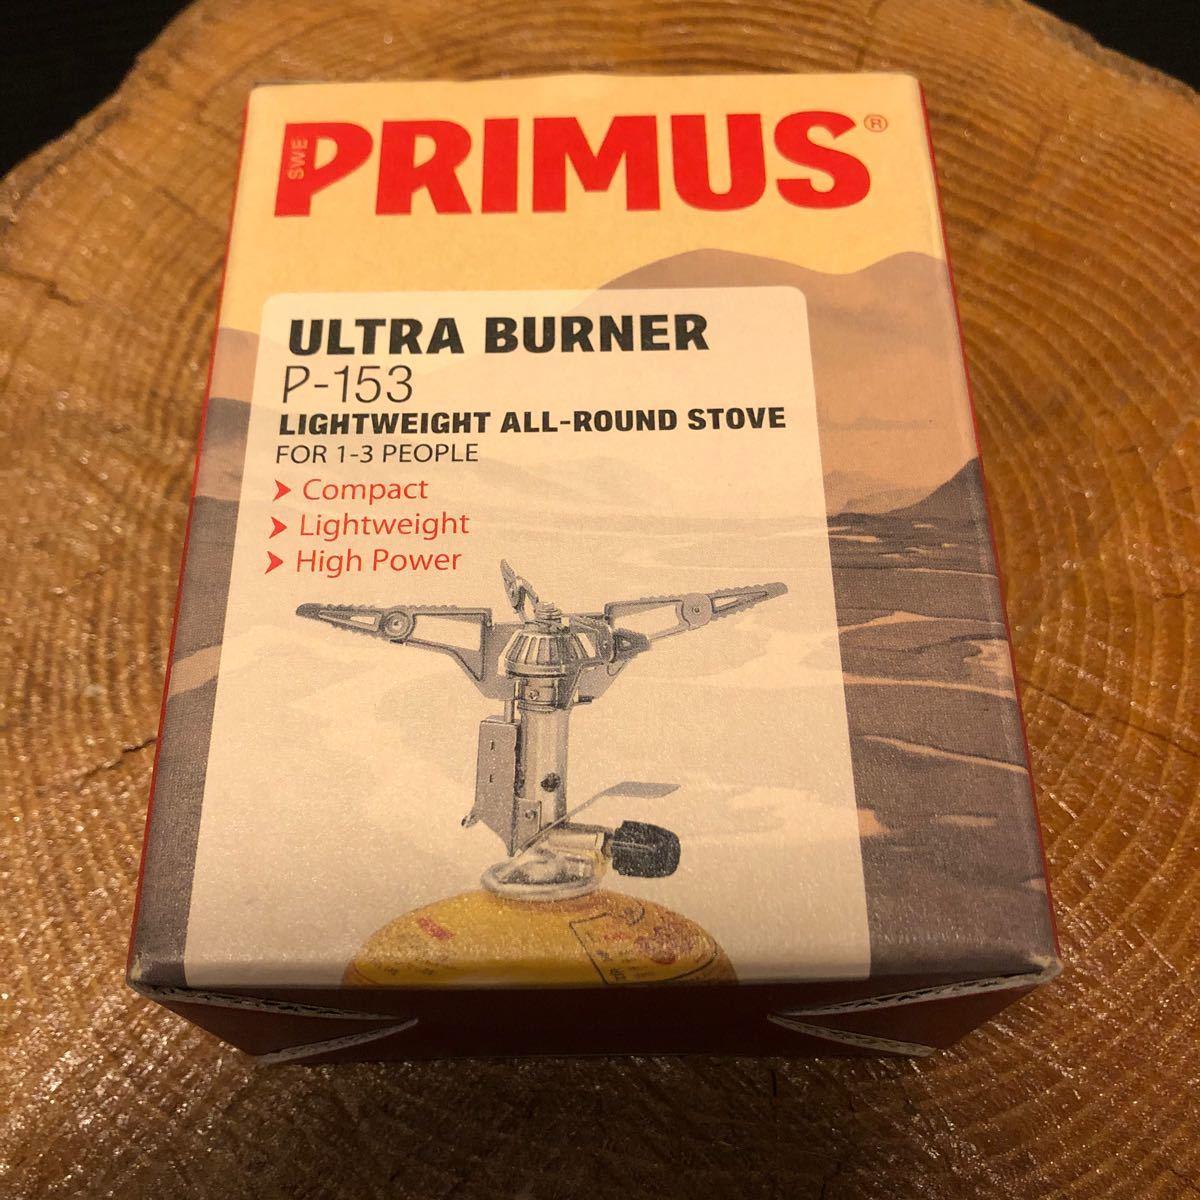 プリムス シングルバーナー P-153 ウルトラバーナー 新品未使用